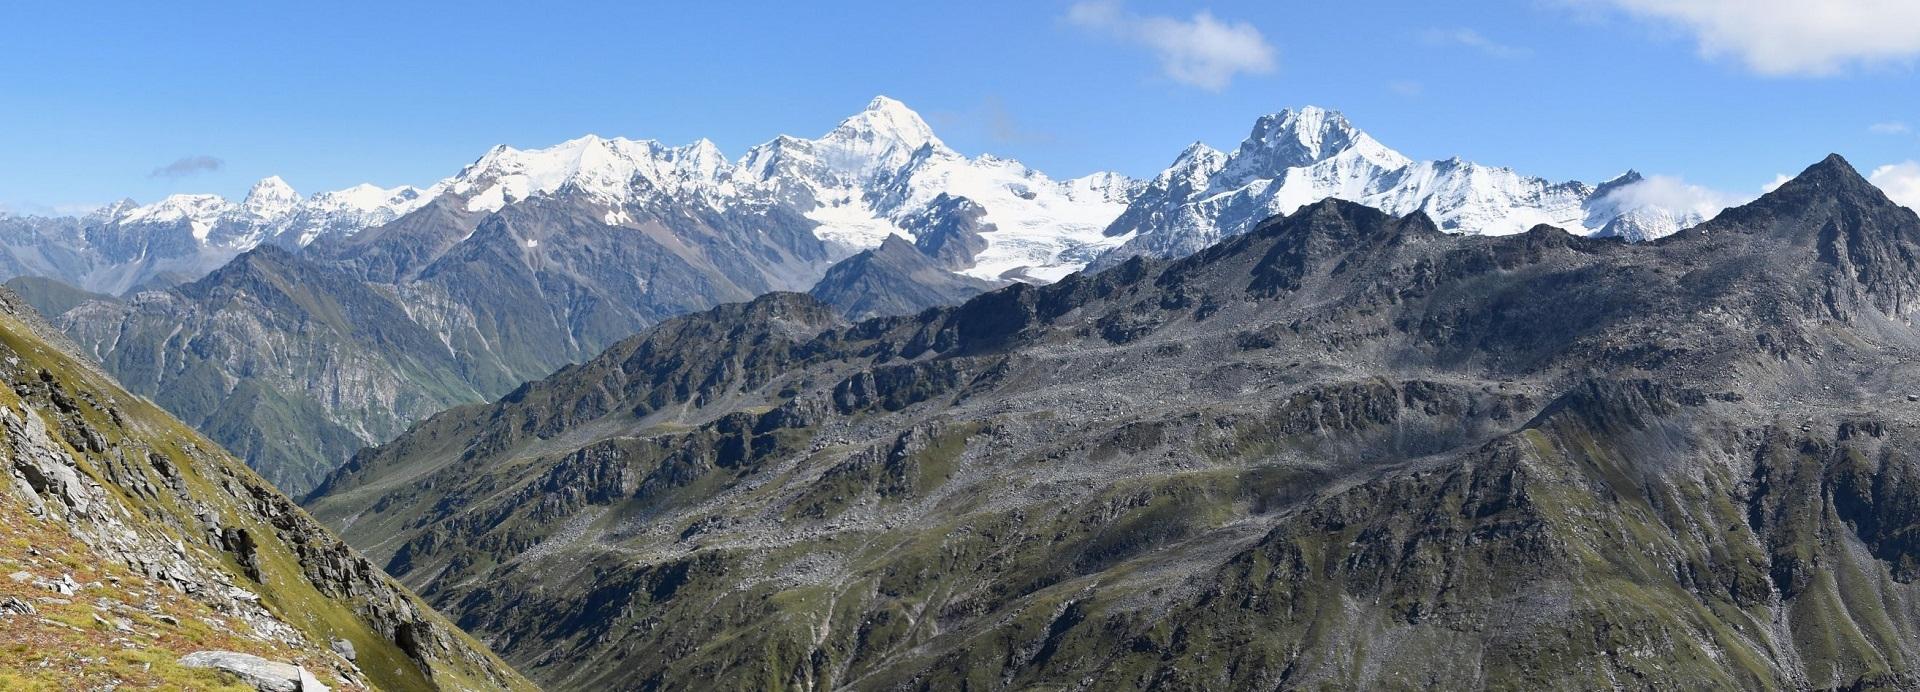 Jaonli 6632m & Gangotri III - 6577m